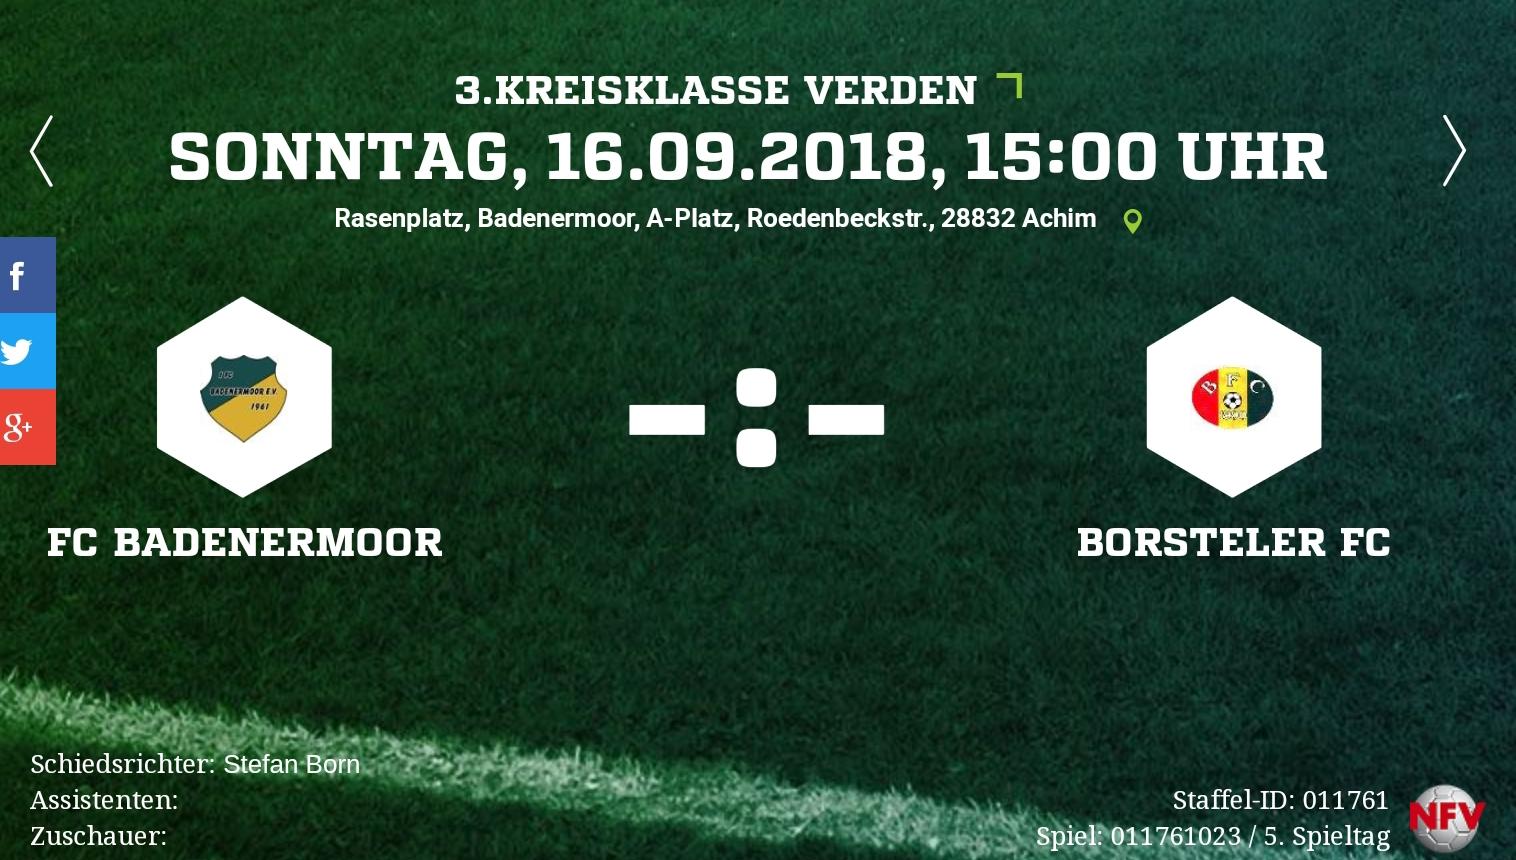 Heimspiel gegen den Borsteler FC